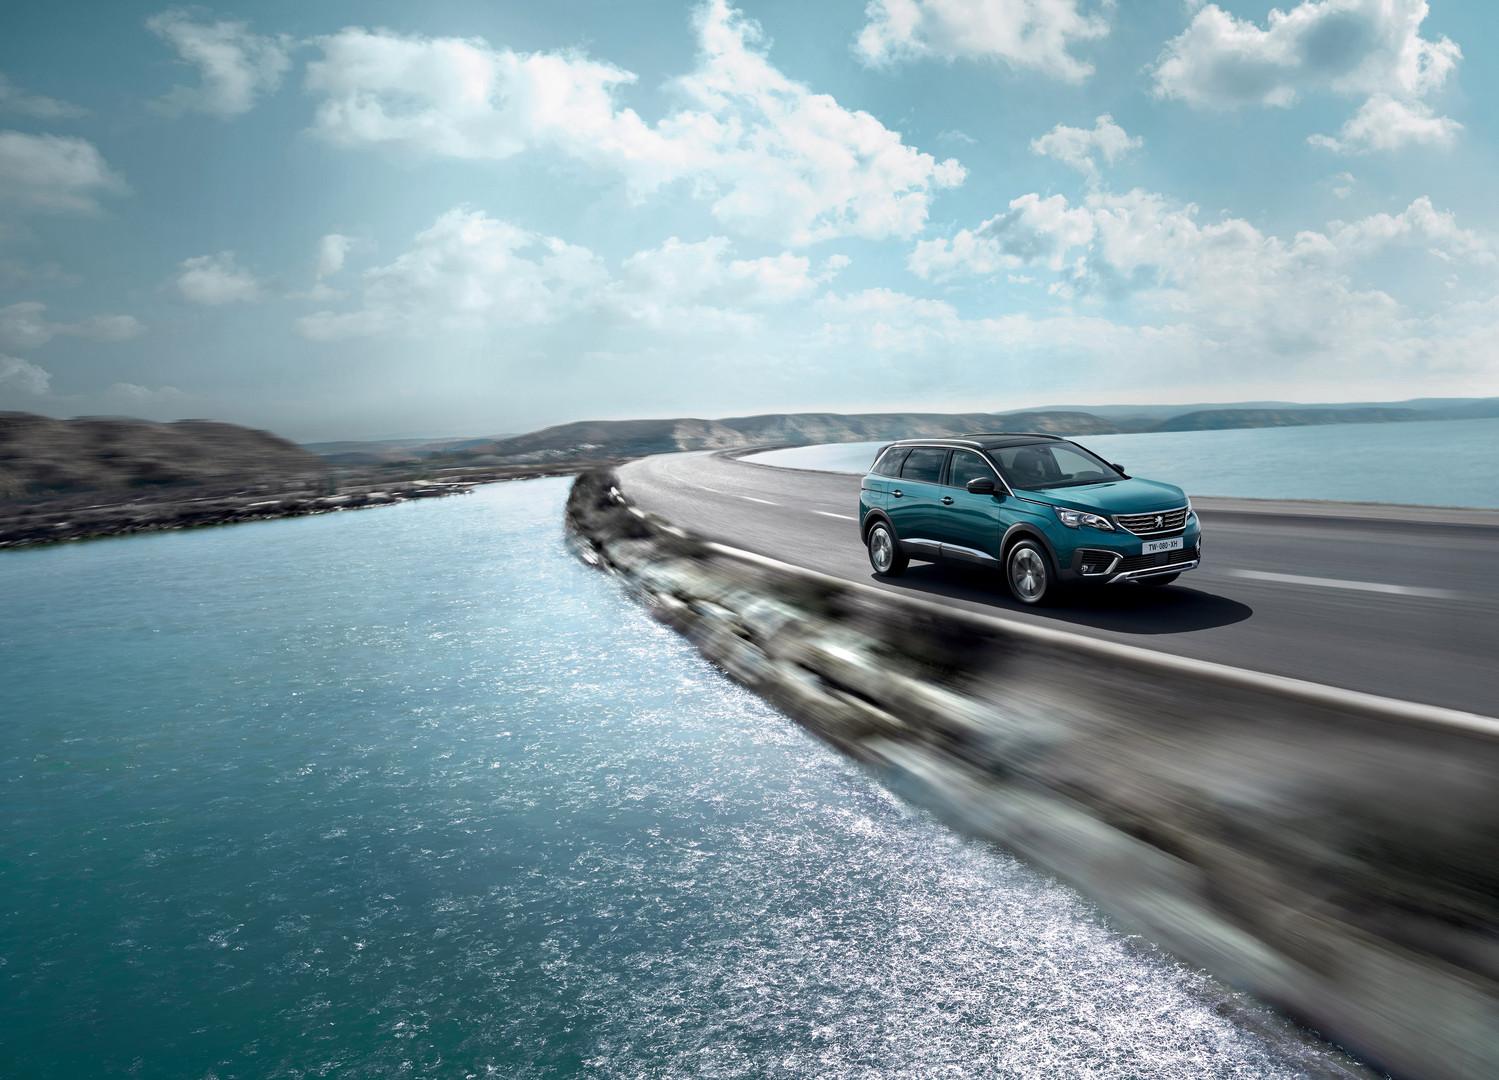 Neue Peugeot Modelle der 5008 SUV in Aktion Bildquelle: Peugeot.ch